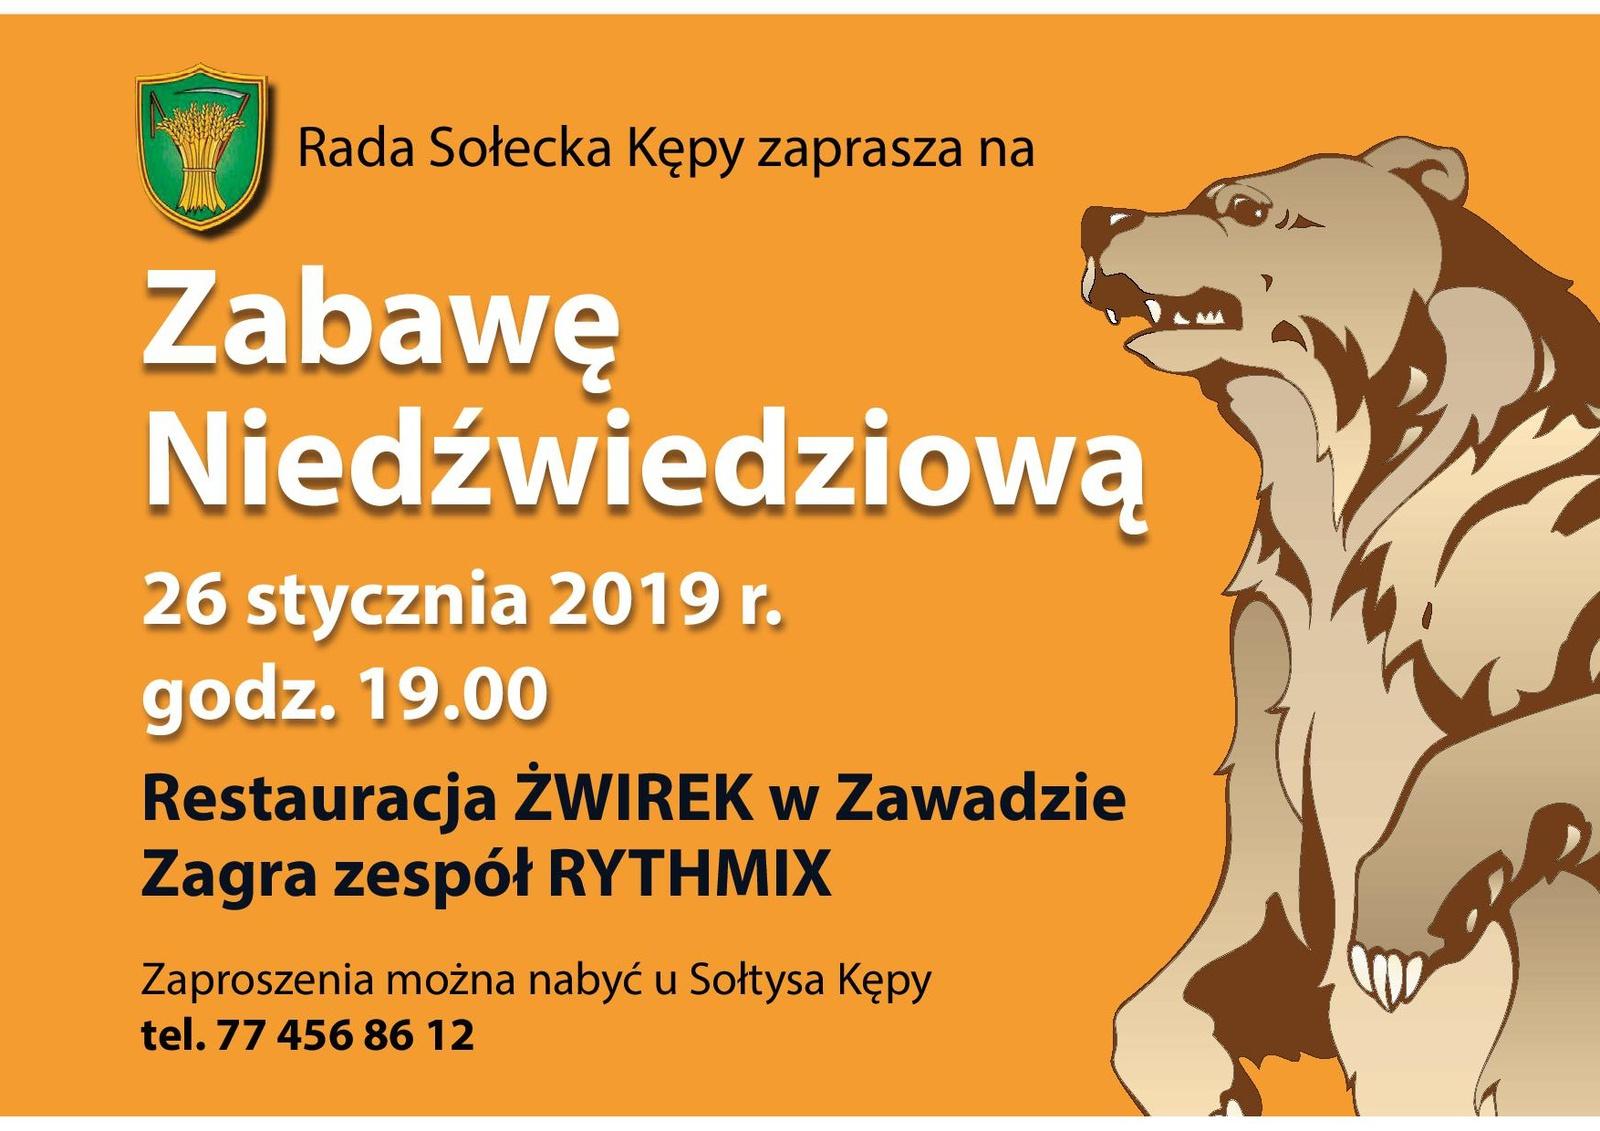 Plakat - zabawa niedźwiedziowa - Kępa